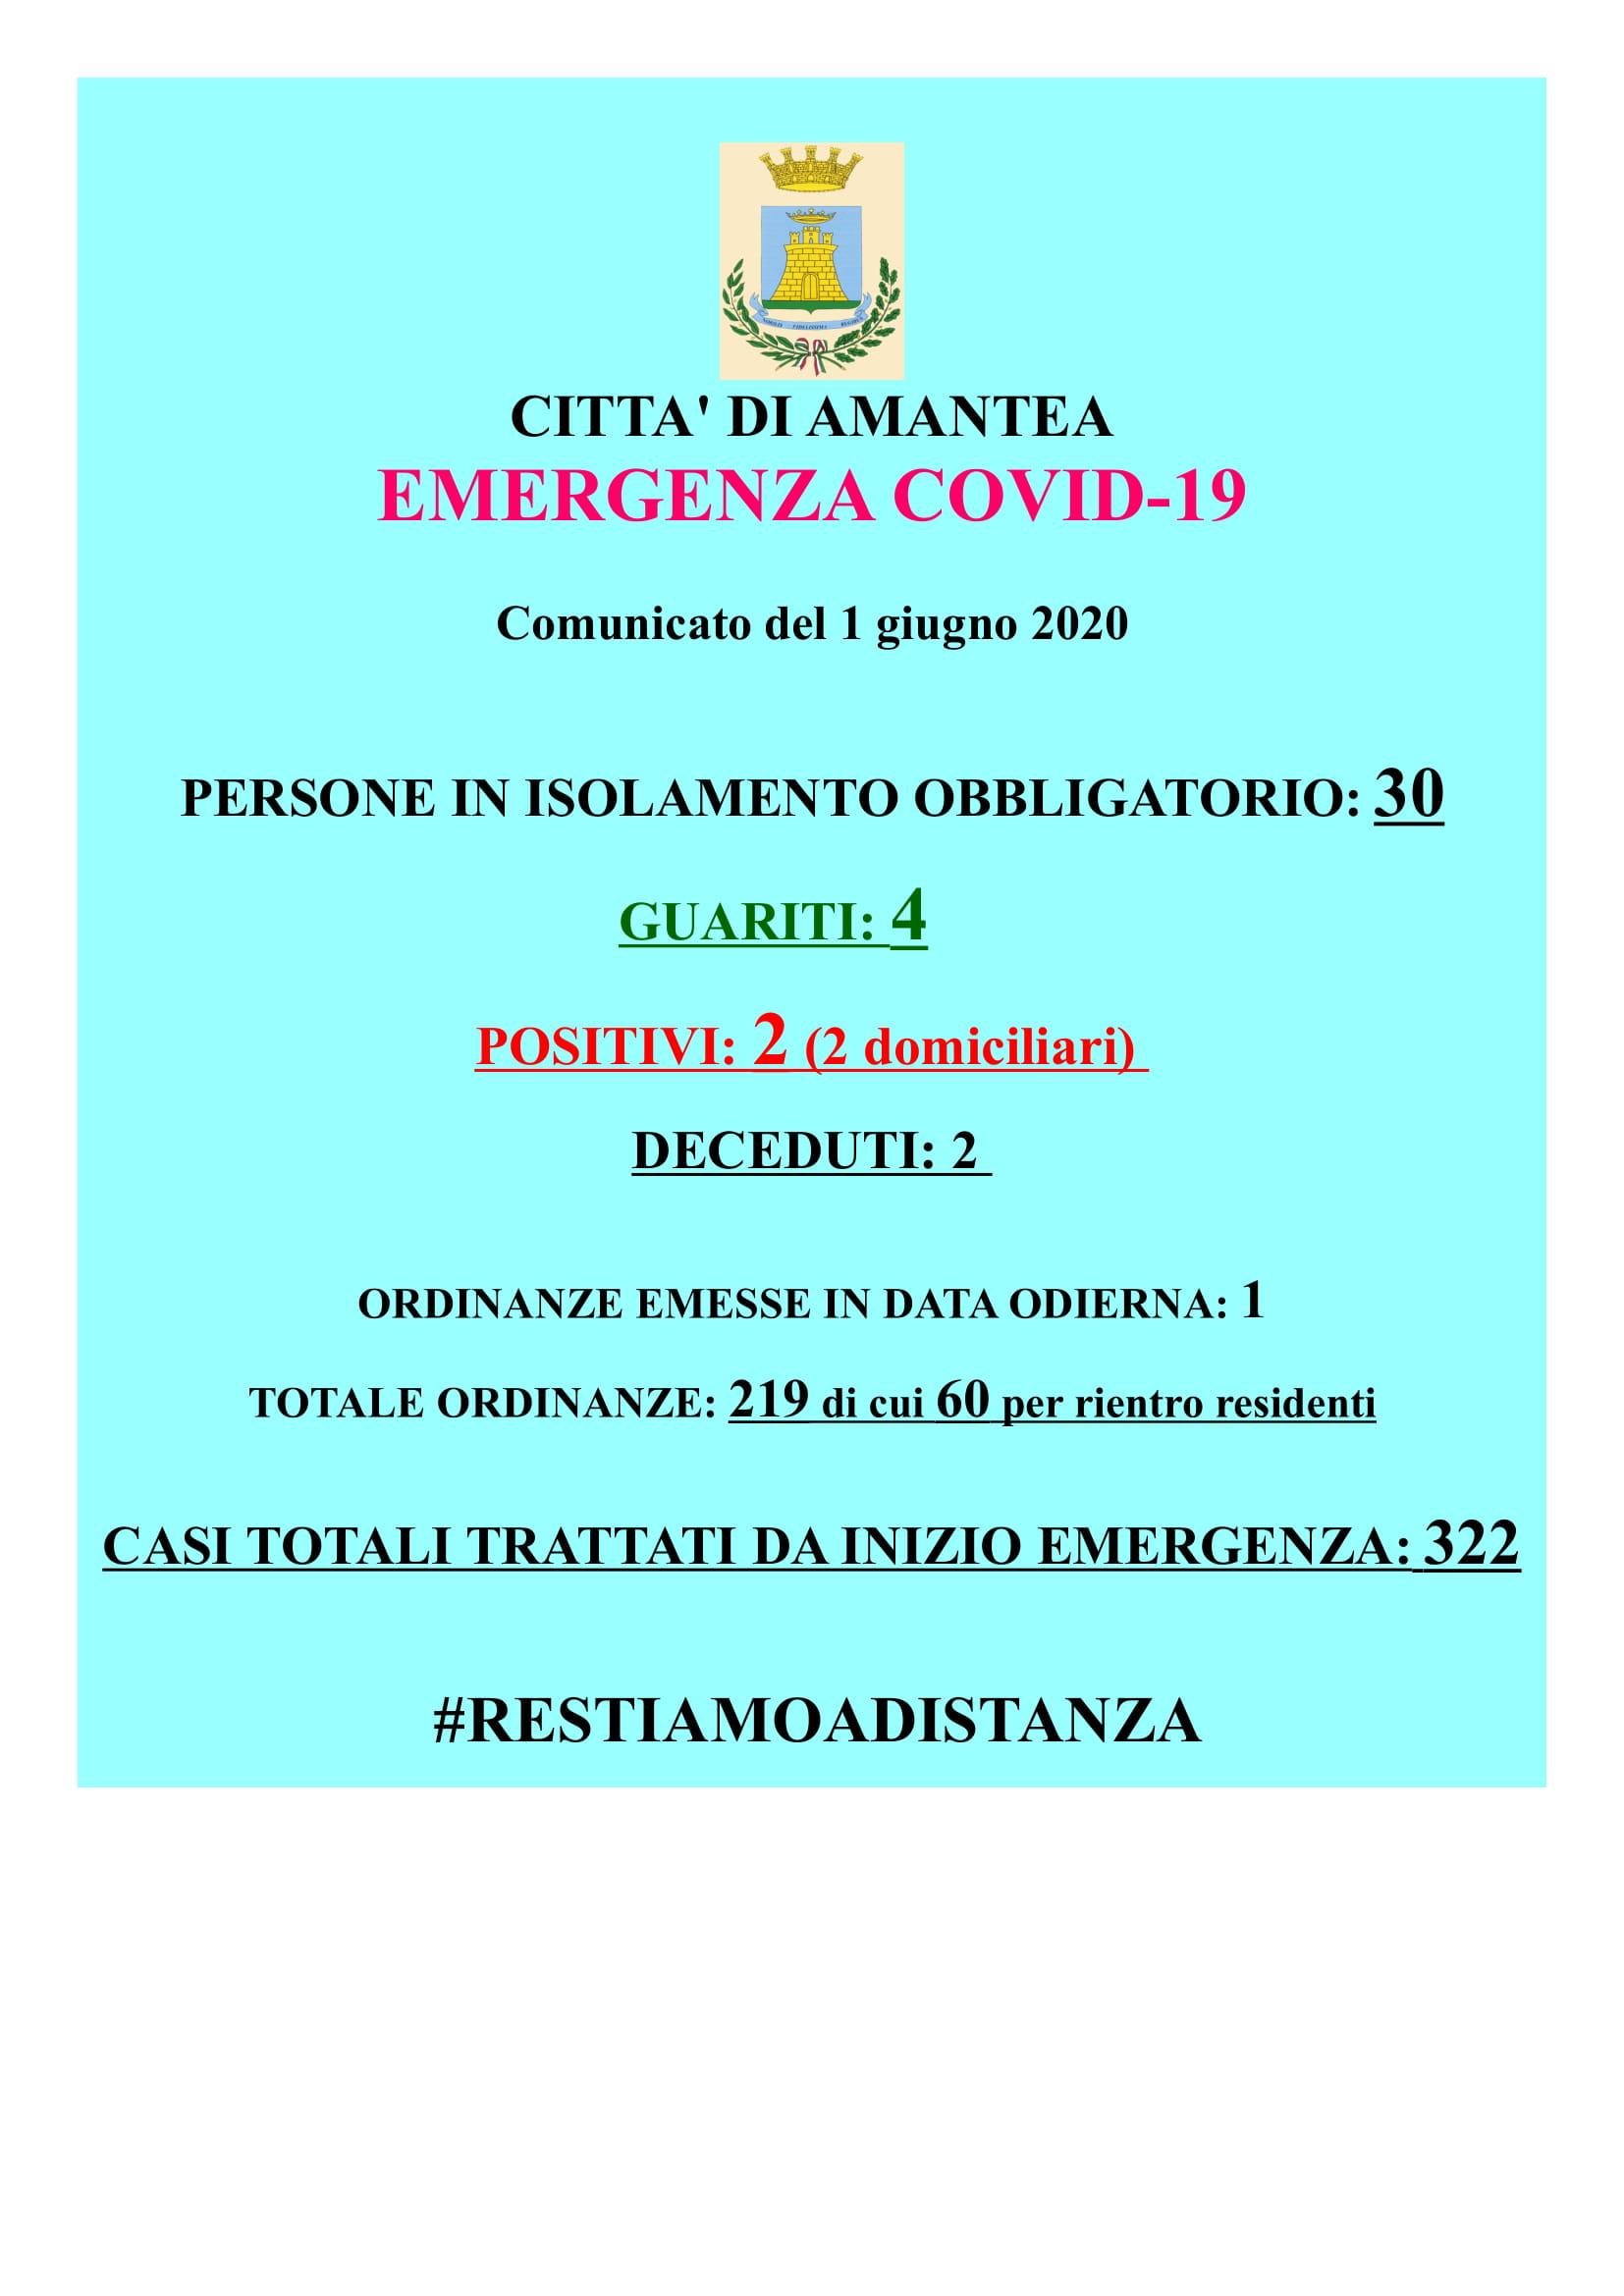 EMERGENZA COVID-19 Comunicato del 01 giugno 2020